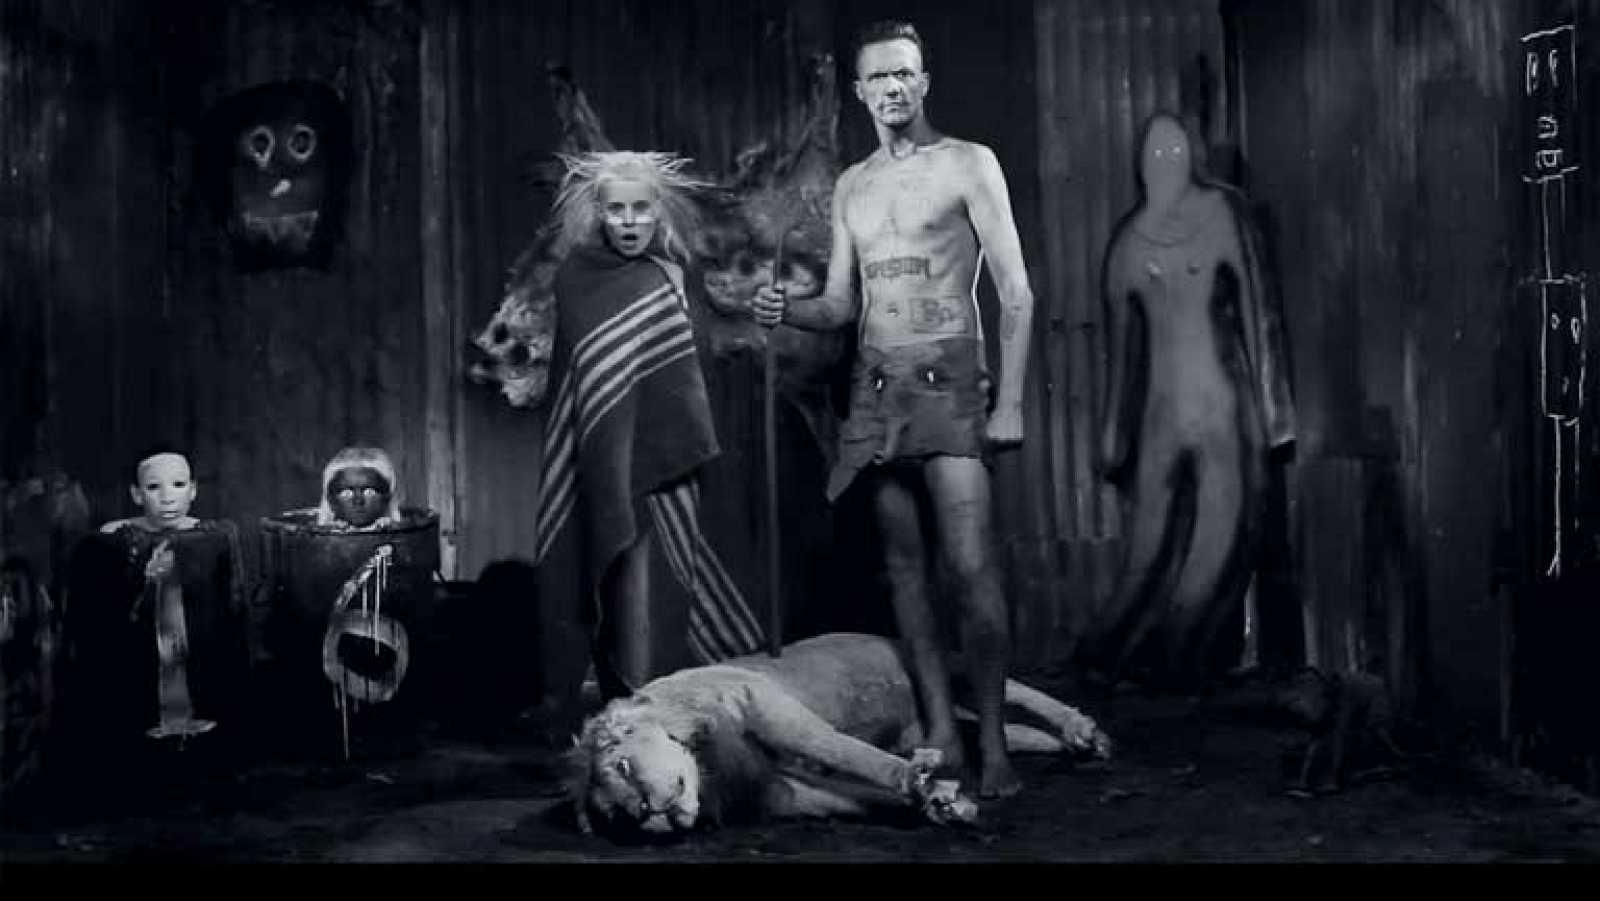 Die Antwoord - I fink u freeky - Sónar 2012